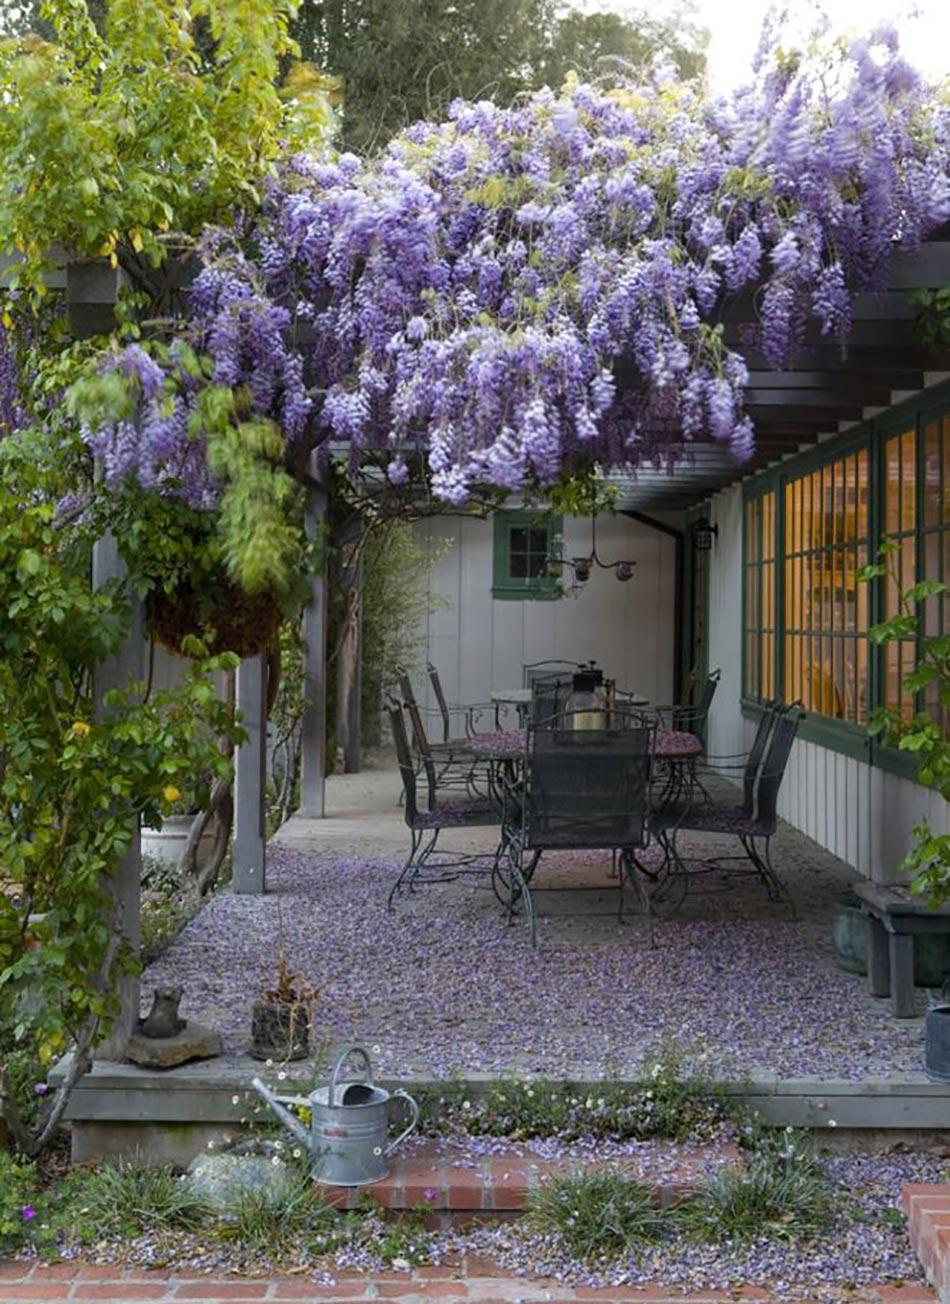 12 Exemples D'aménagement Jardin Avec Des Glycines | Design ... avec Exemple D Aménagement De Jardin